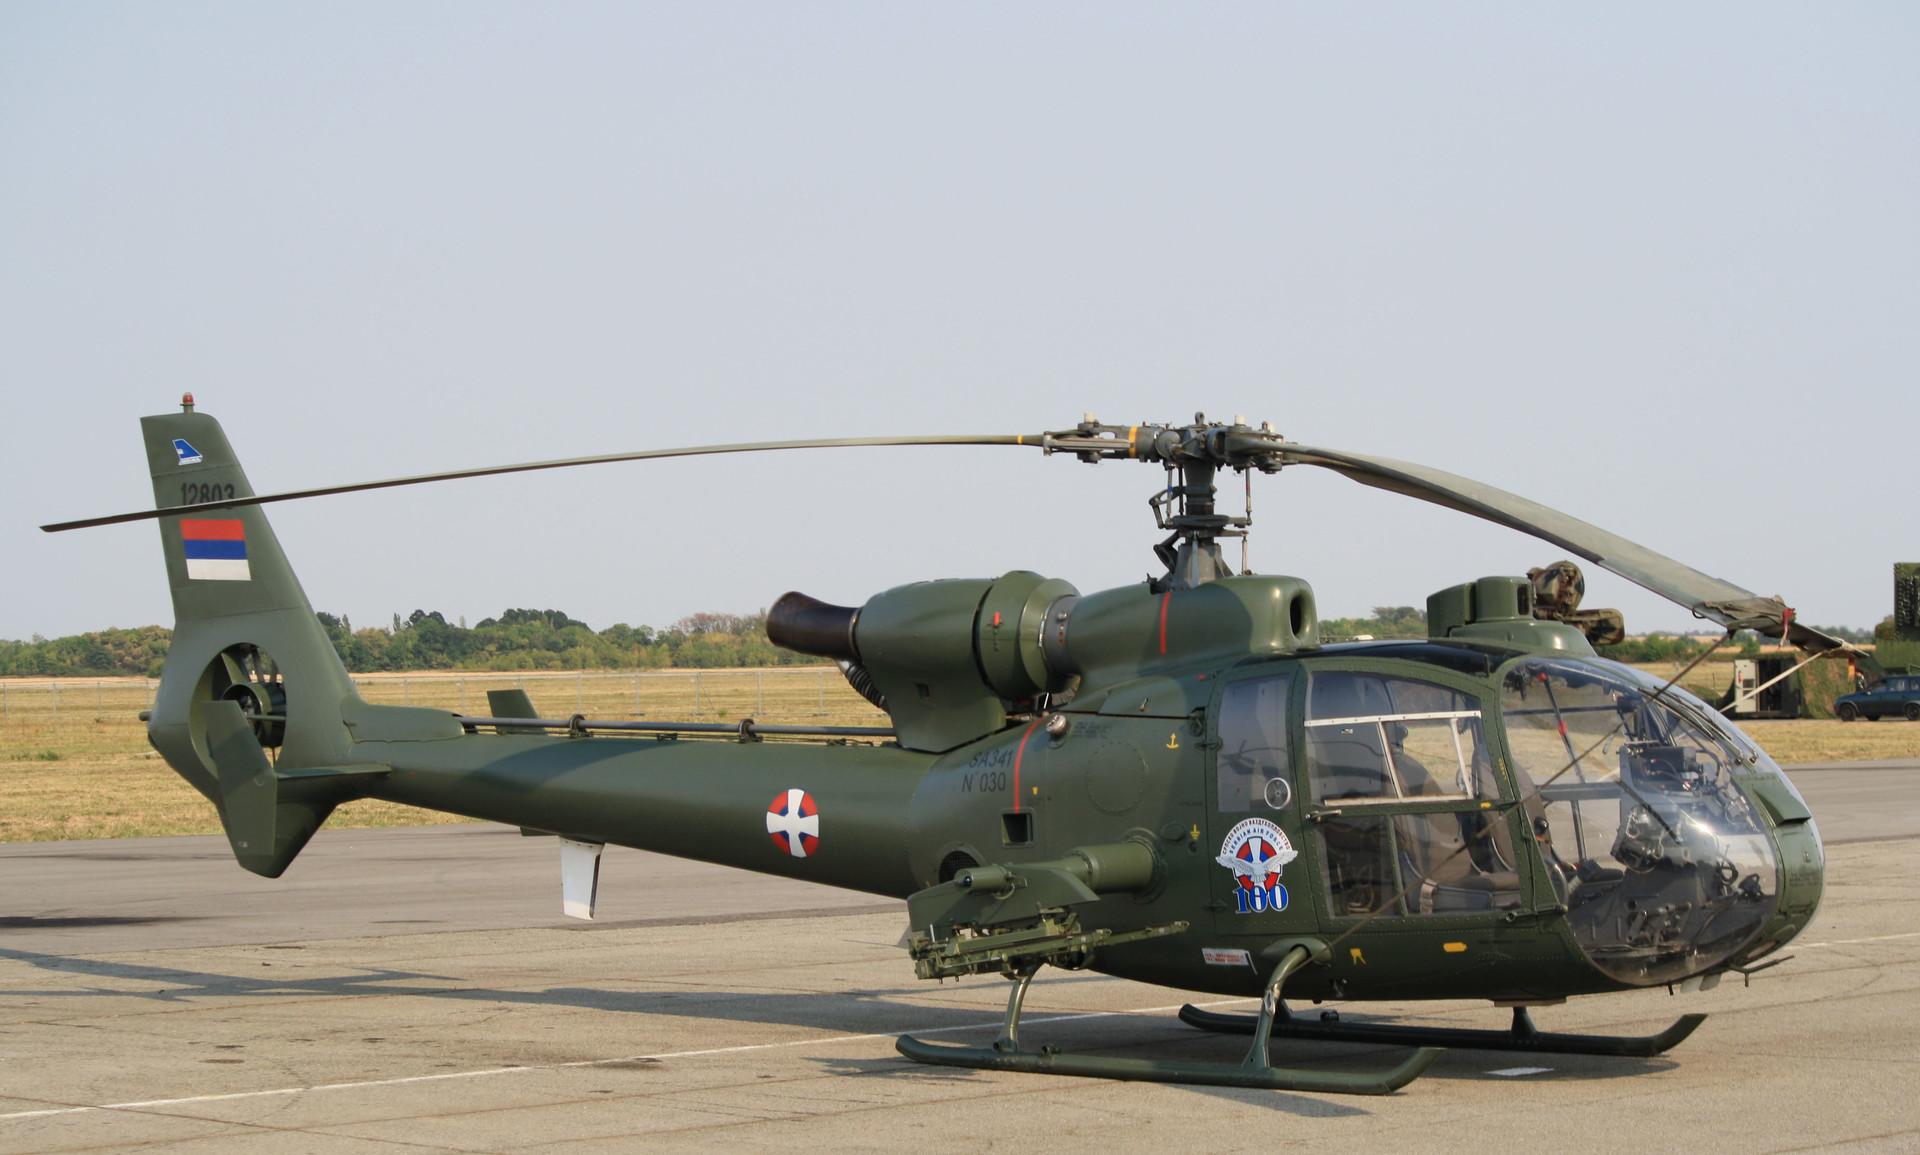 Противоклопни хеликоптер Газела ГАМА број 12803 из састава 890. мешовите хеликоптерске ескадриле 204. ваздухопловне бригаде Ваздухопловства и ПВО Војске Србије изложен на аеромитингу Батајница 2012 поводом прославе века Српског војног ваздухопловства.